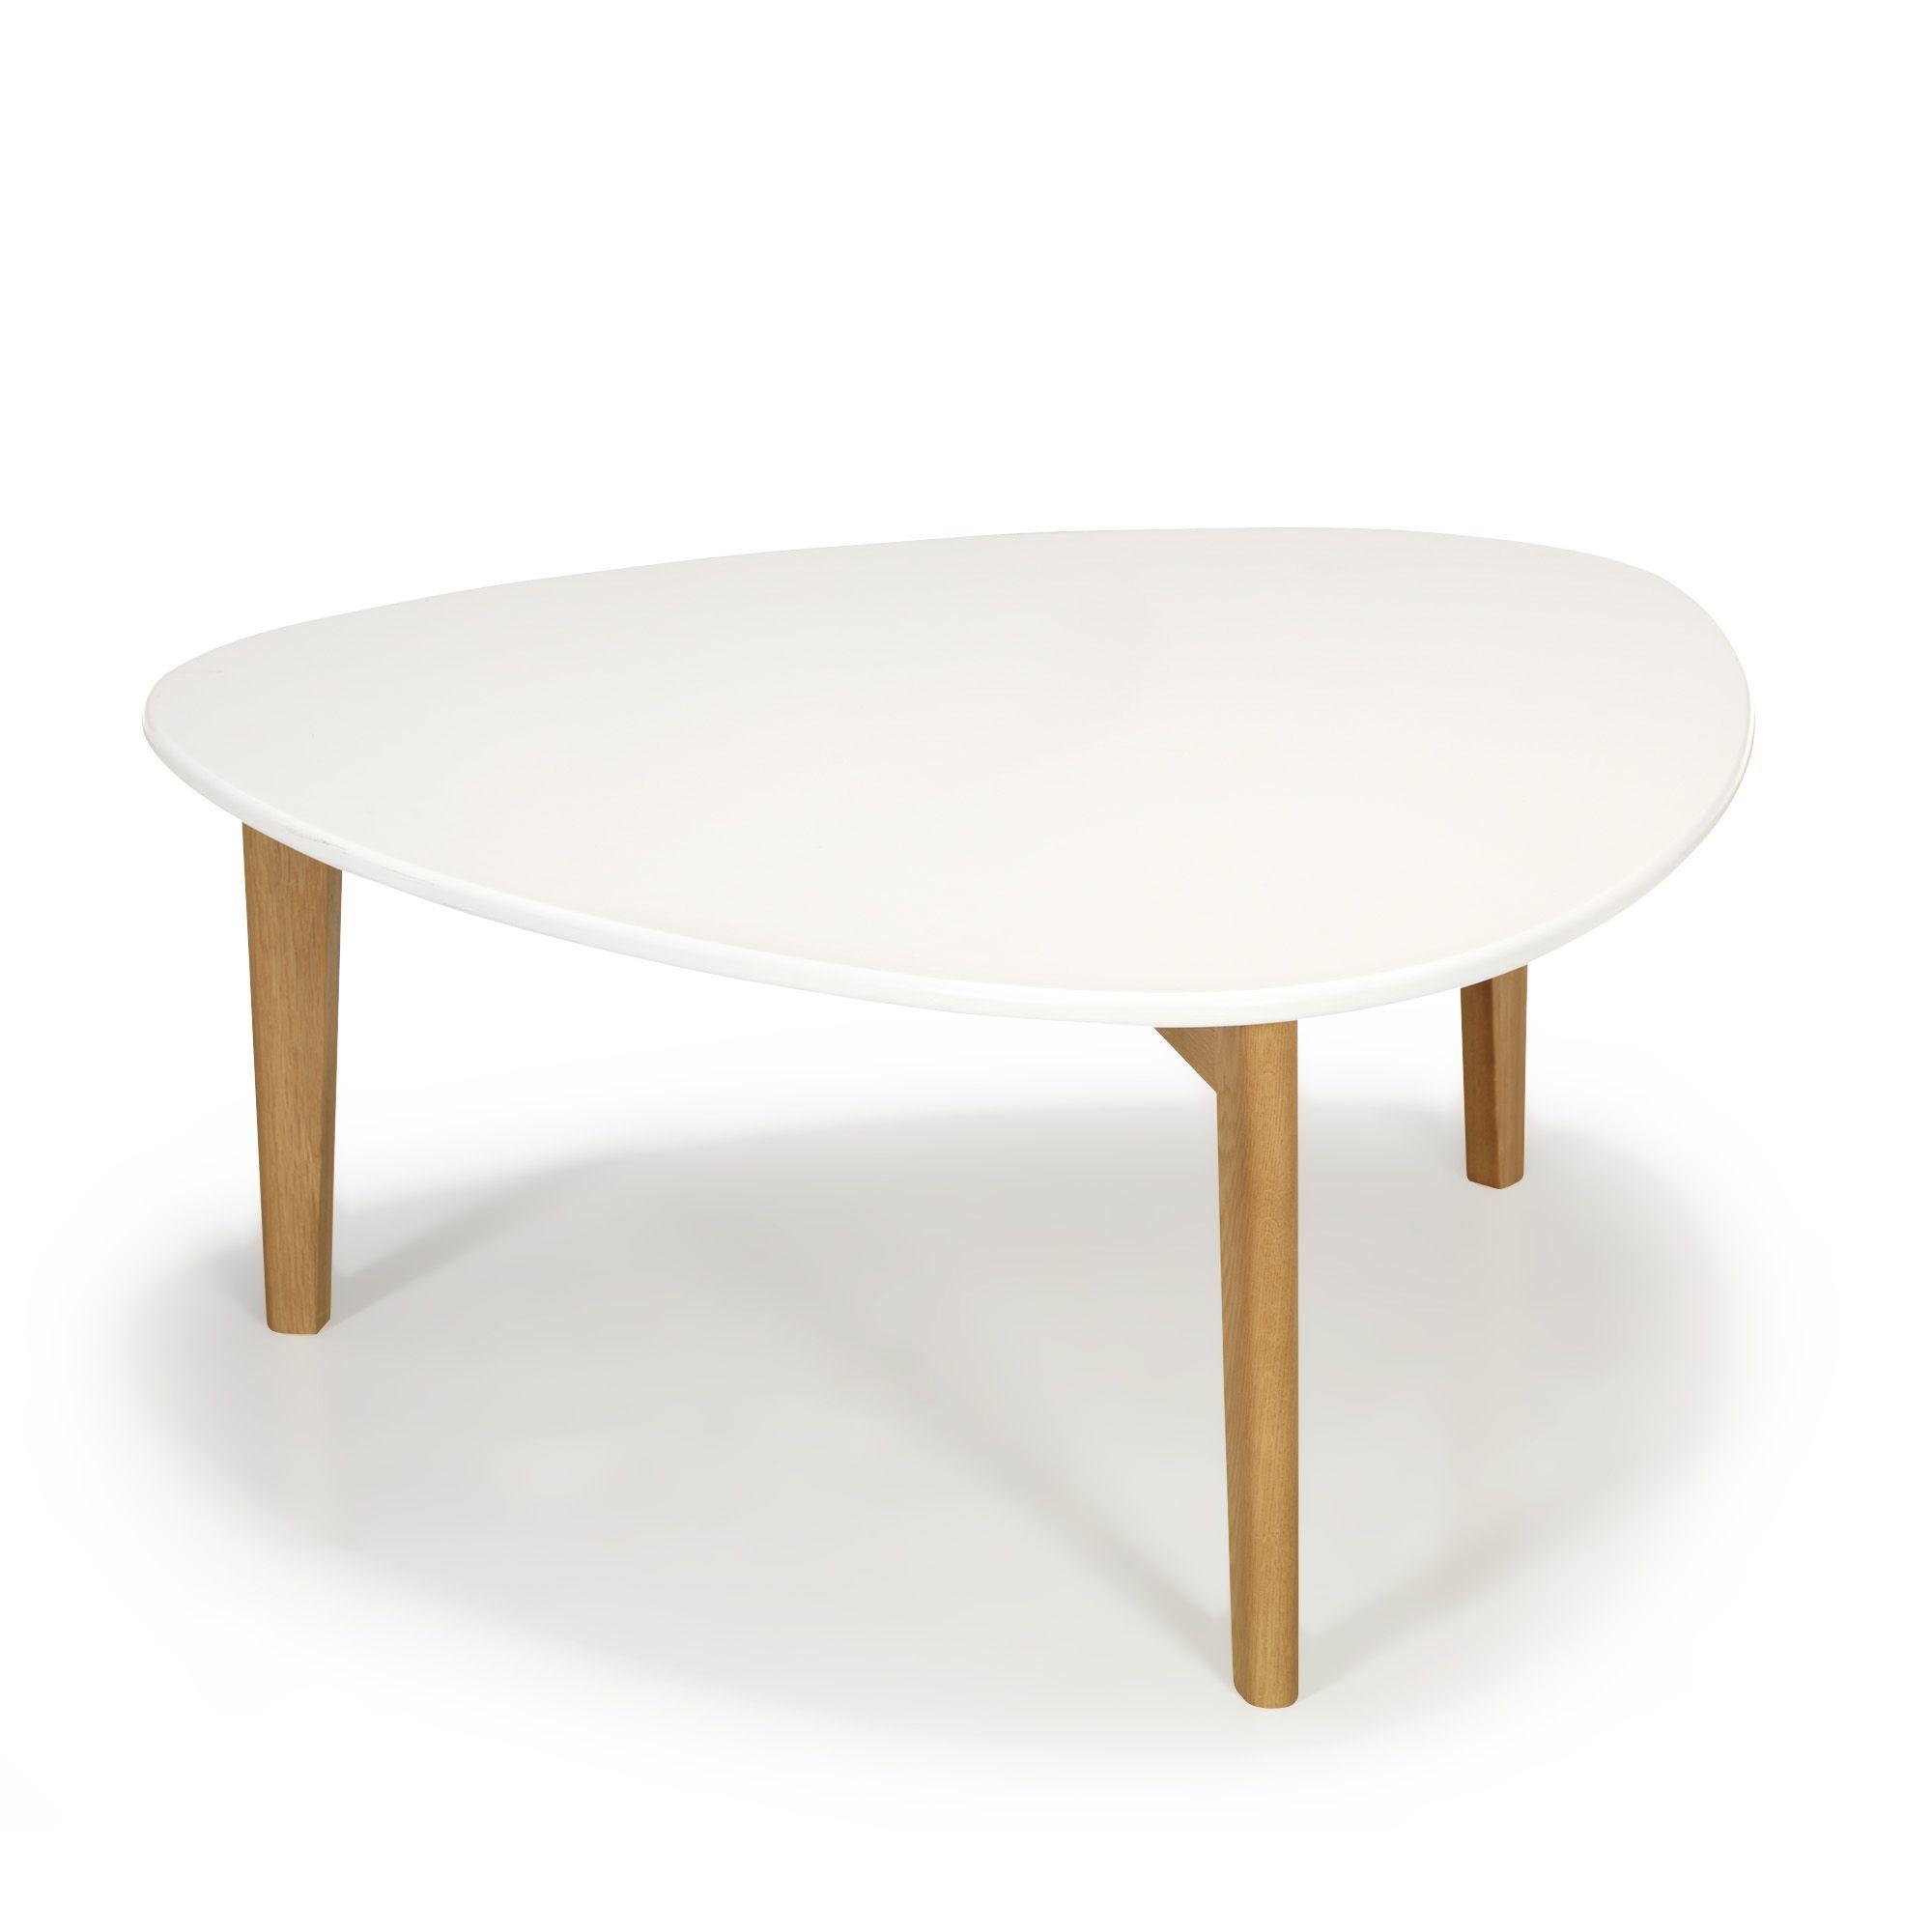 chaise de bureau alinea dco chaise de bureau alinea image. Black Bedroom Furniture Sets. Home Design Ideas